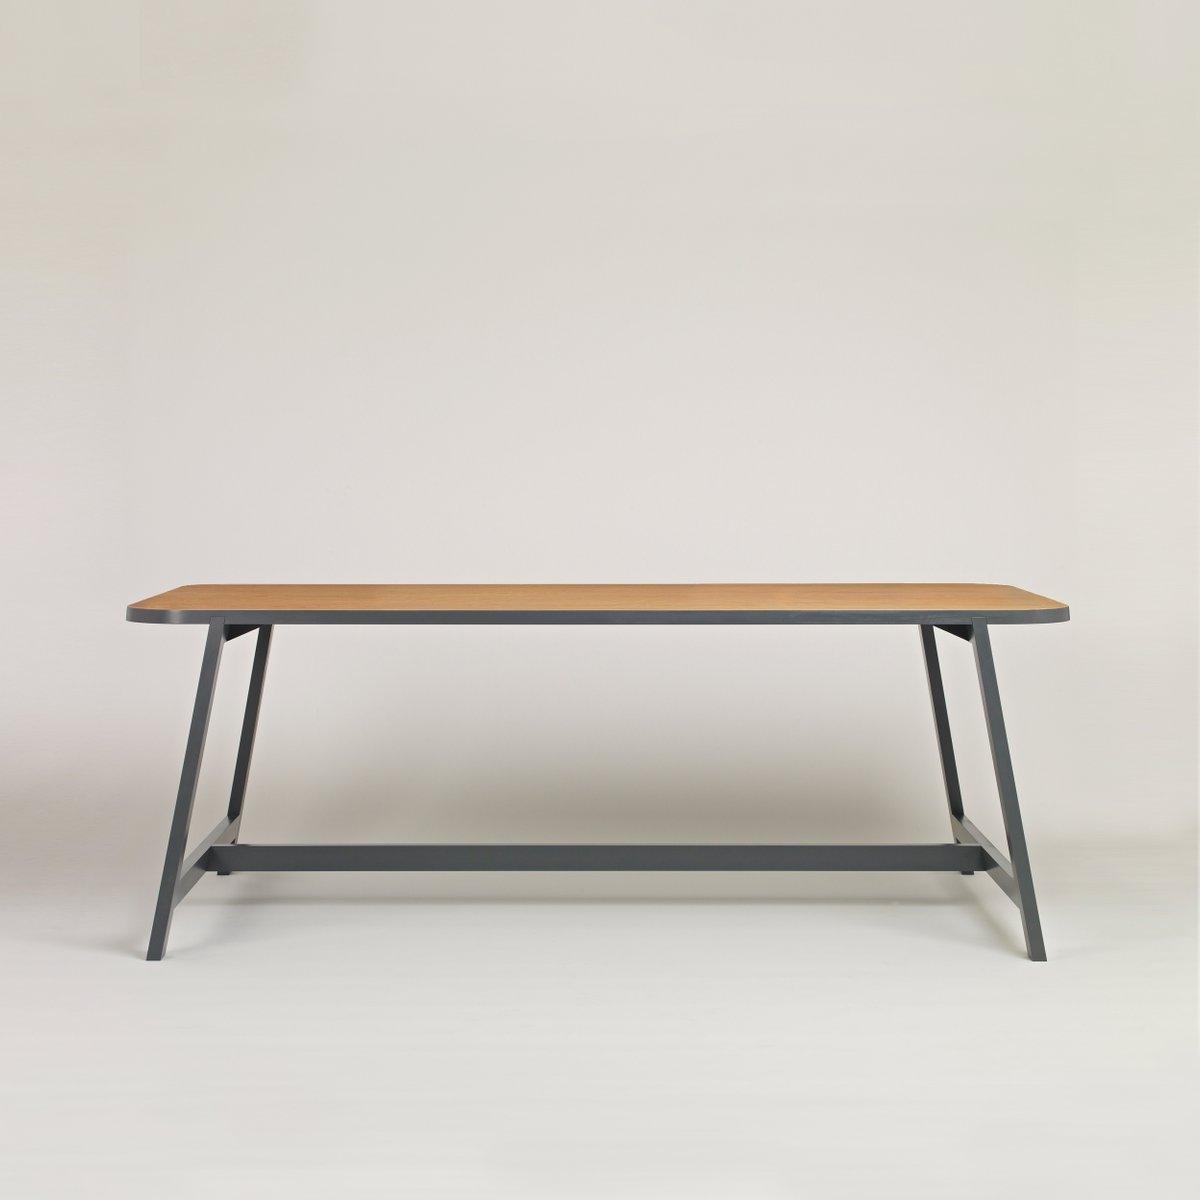 grande table de salle manger three en ch ne gris laqu par another country en vente sur pamono. Black Bedroom Furniture Sets. Home Design Ideas